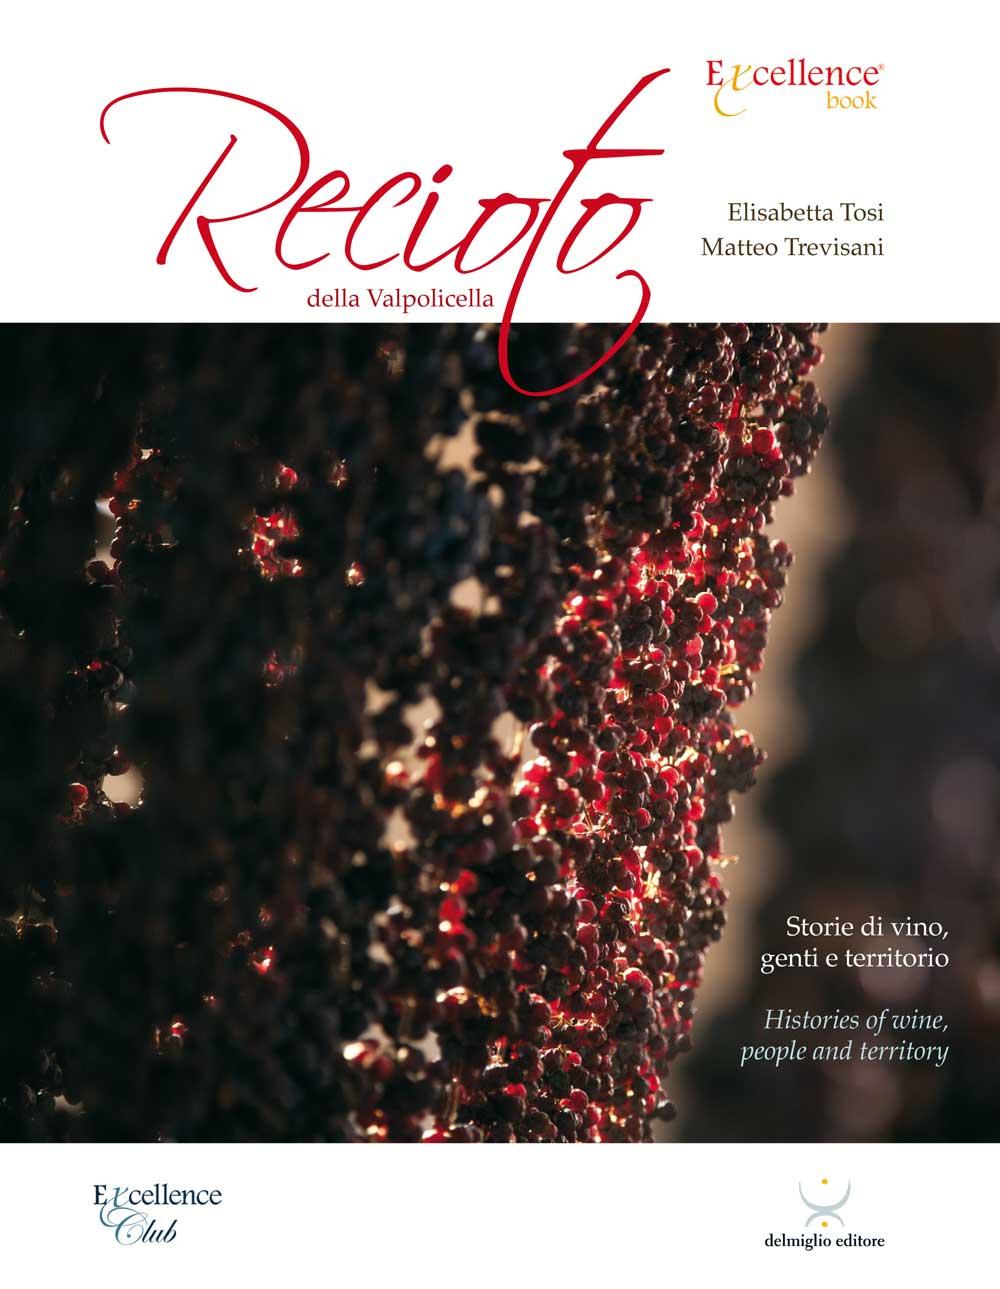 The front cover of the new book dedicated to the Recioto della Valpolicella